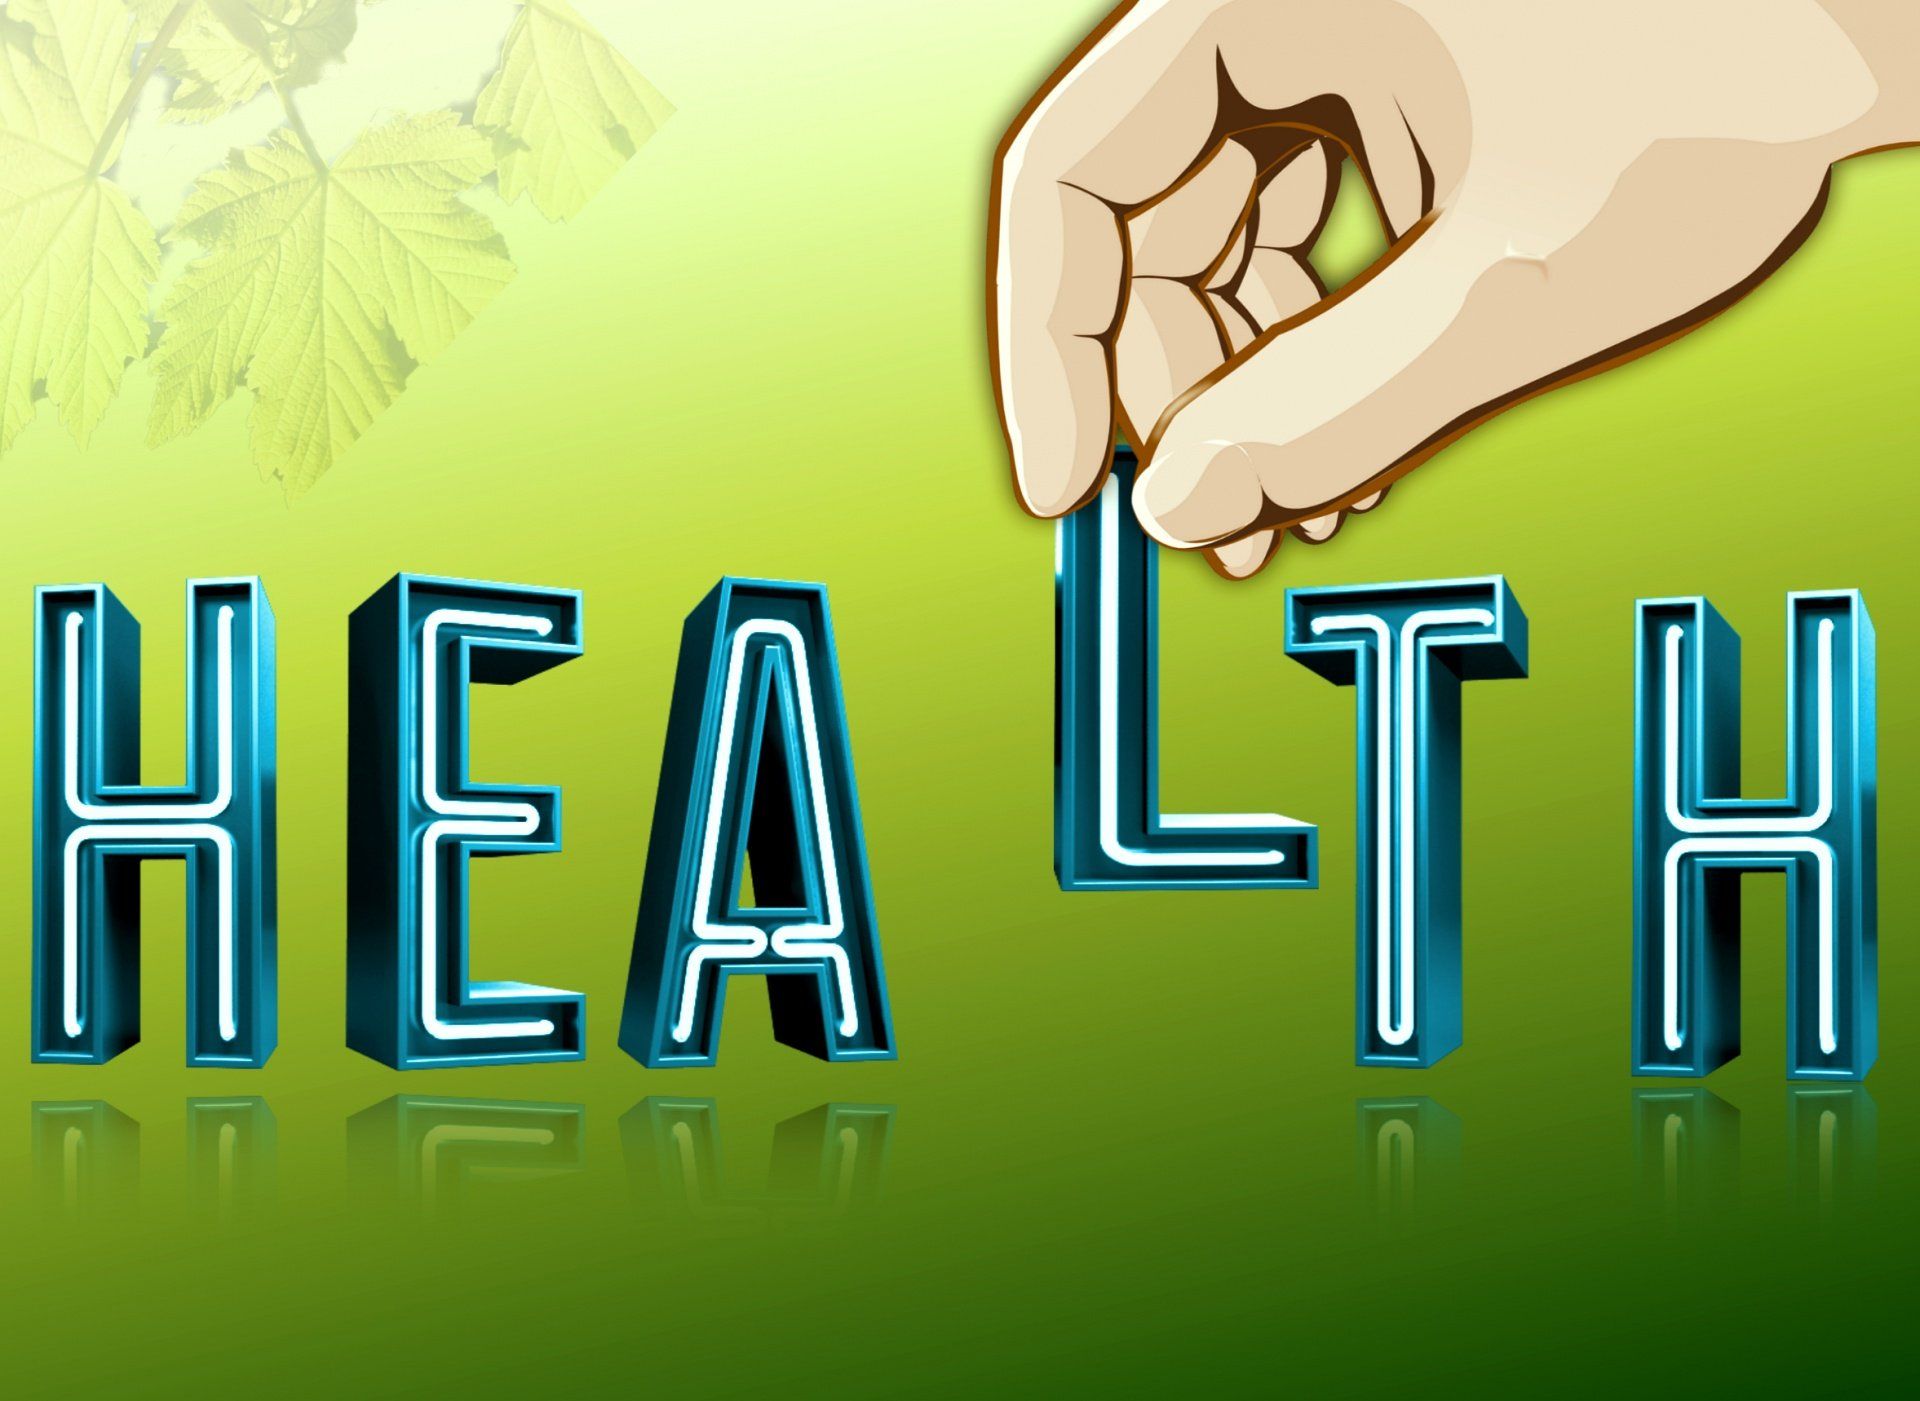 Herzinfarkt und Co: So reduzieren Sie das Risiko für Herz-Kreislauf-Erkrankungen – Naturheilkunde & Naturheilverfahren Fachportal